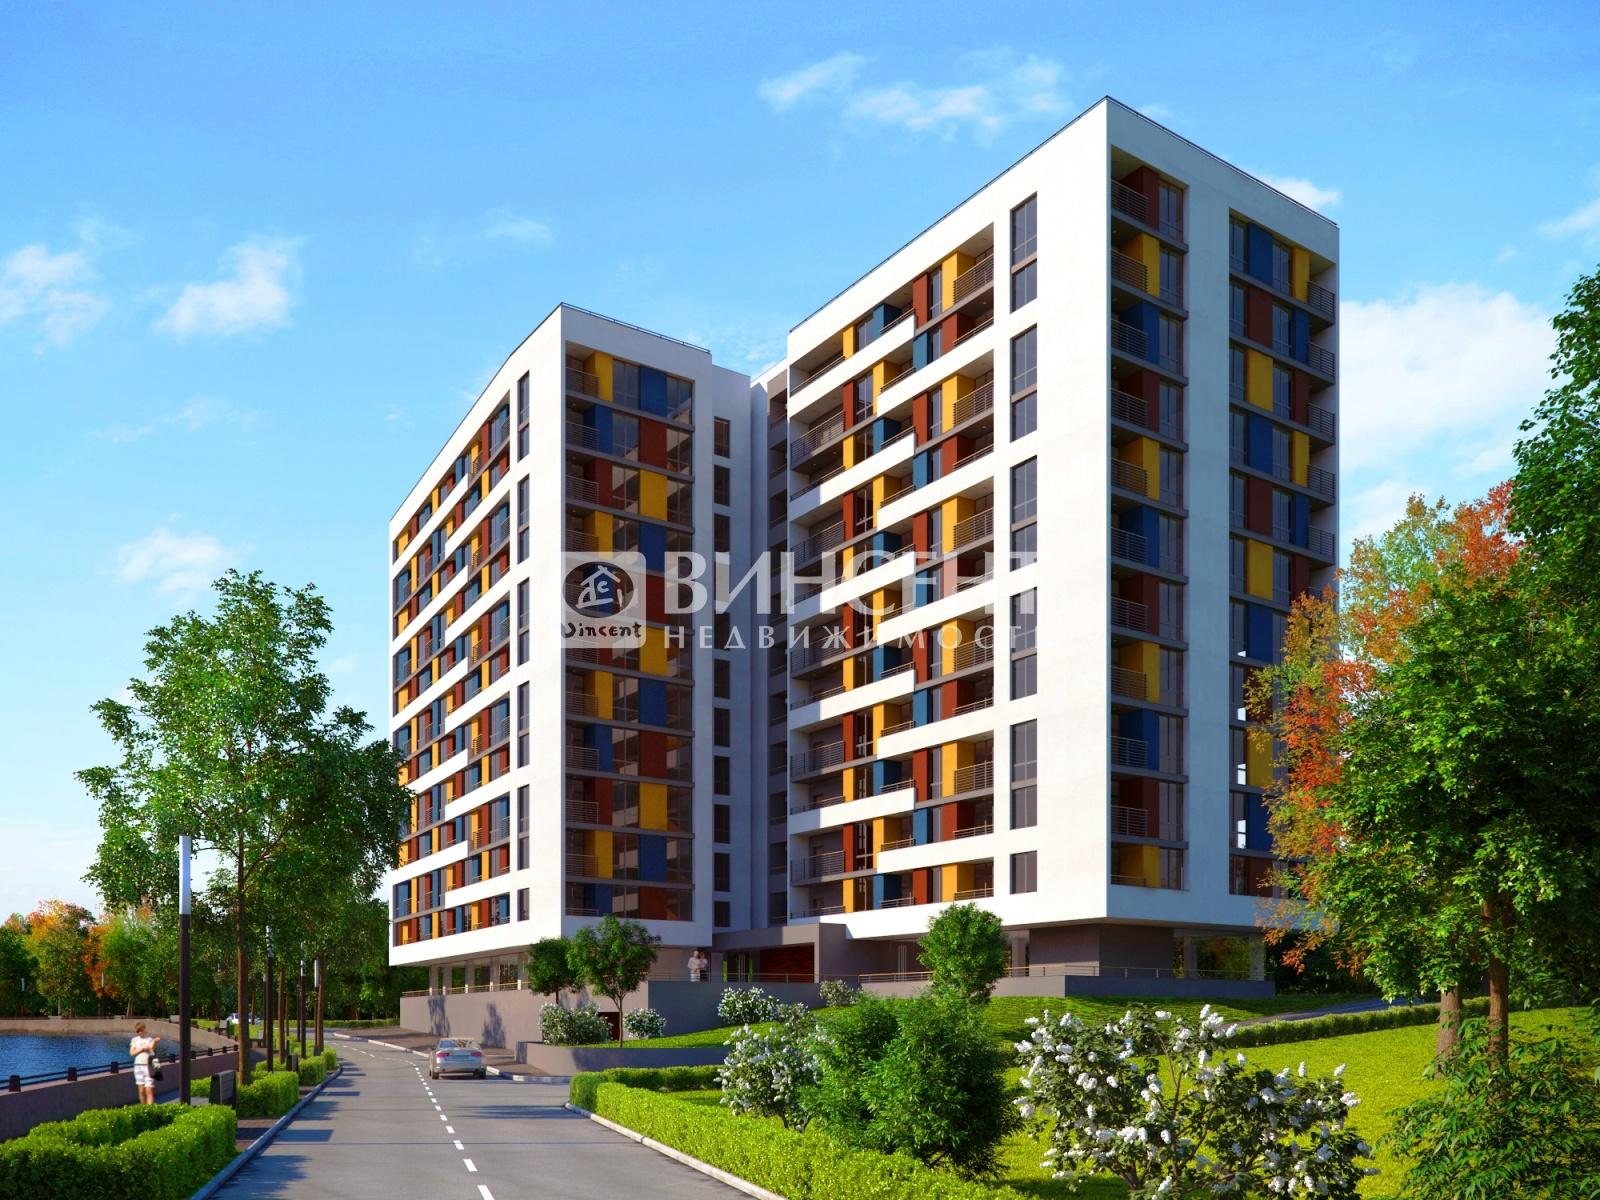 Вся элитная недвижимость в Сочи купить элитные квартиры